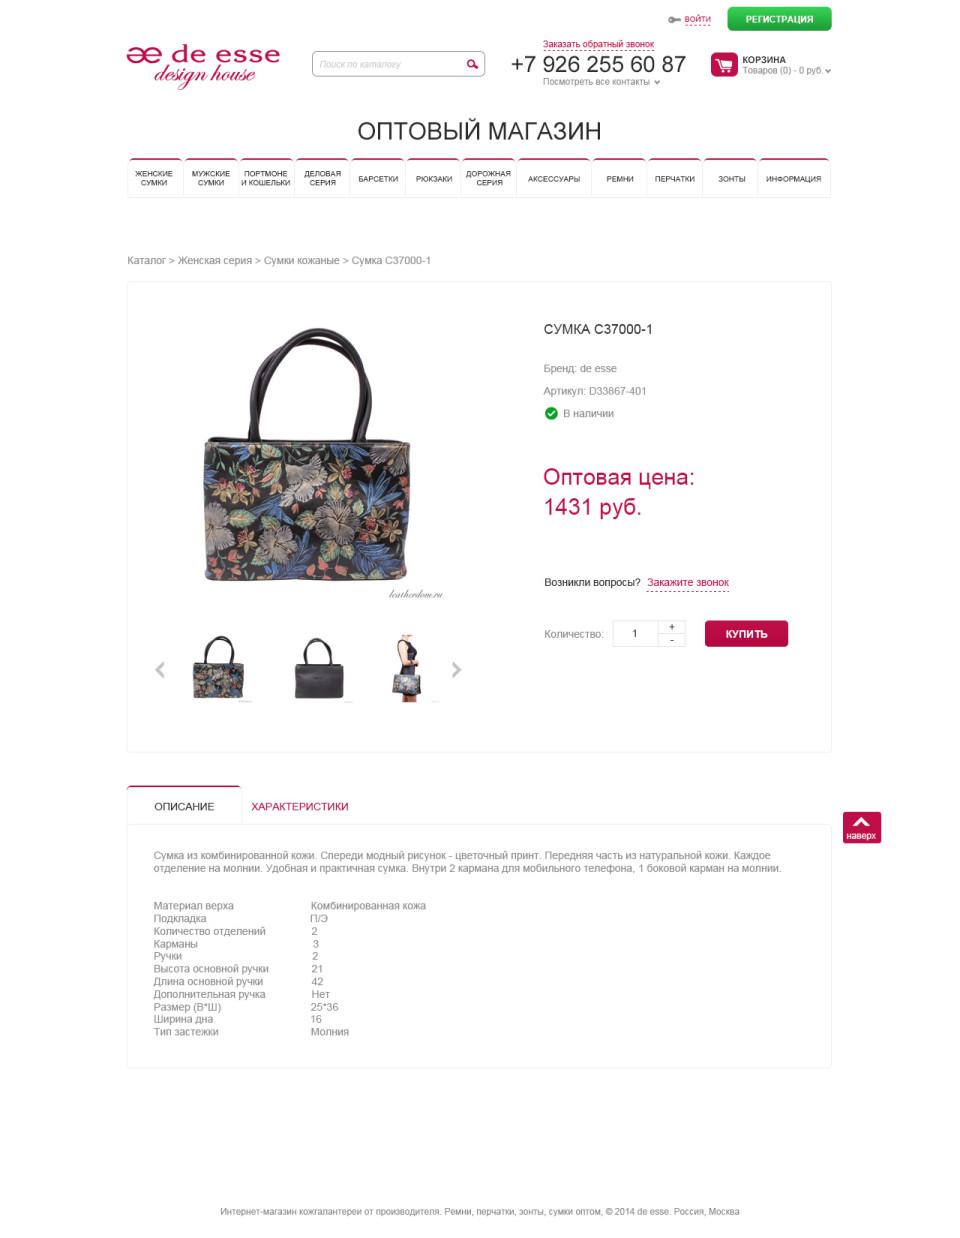 Интернет магазин кожгалантереи De Esse - Продукт